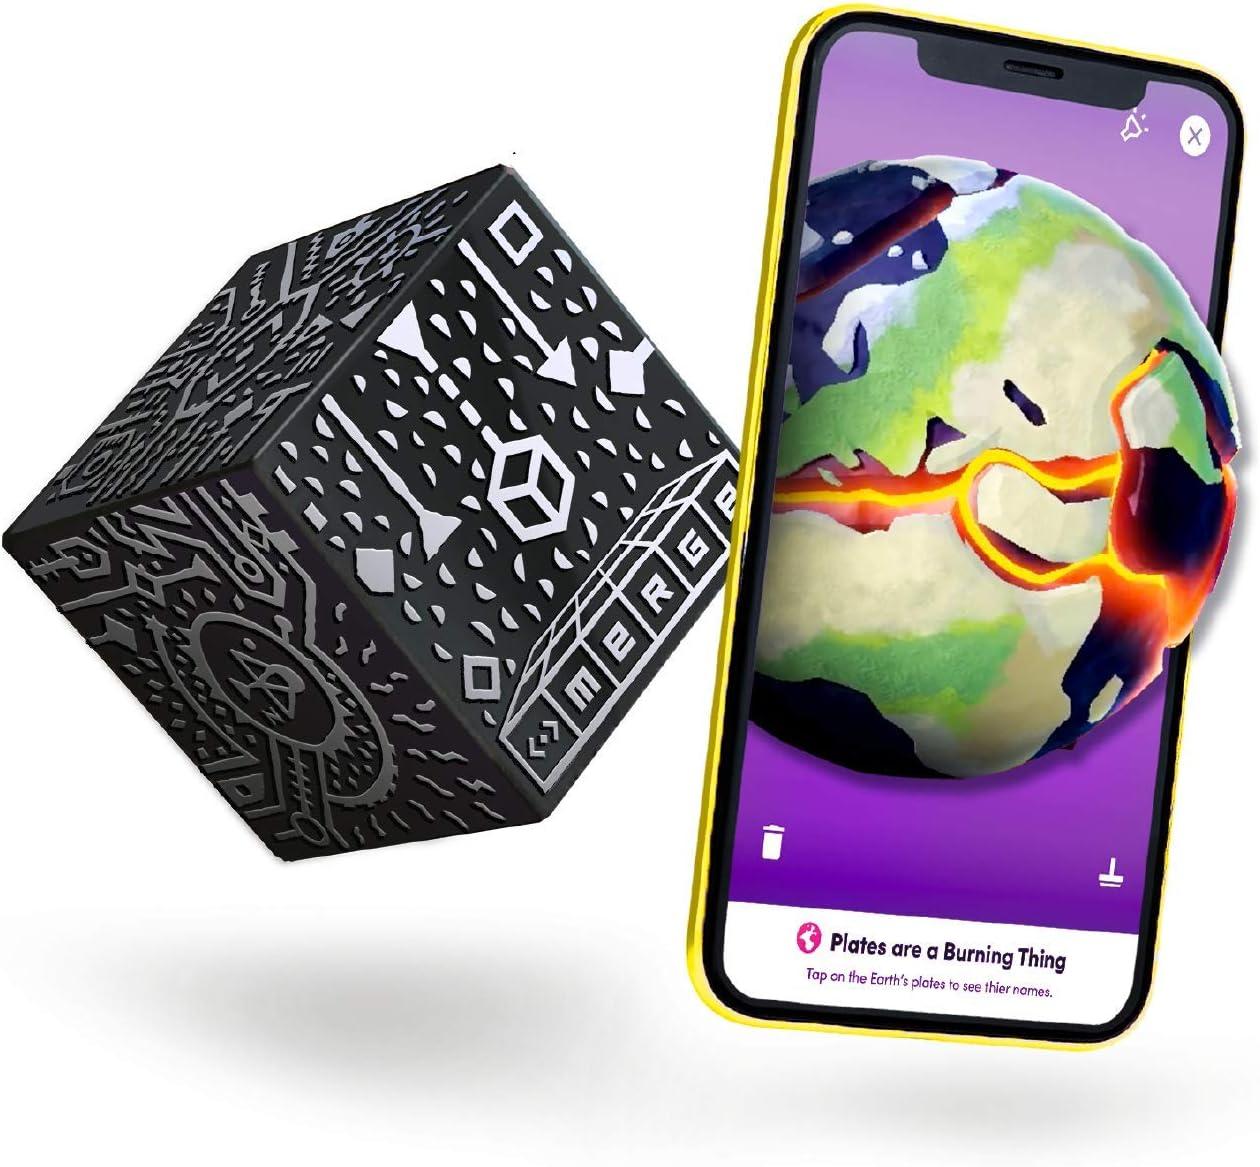 Merge Cube Juguete STEM de Realidad Aumentada - Juegos Educativos para el Aprendizaje de Ciencias, Matemáticas, Arte y Más en el Aula y en el Hogar